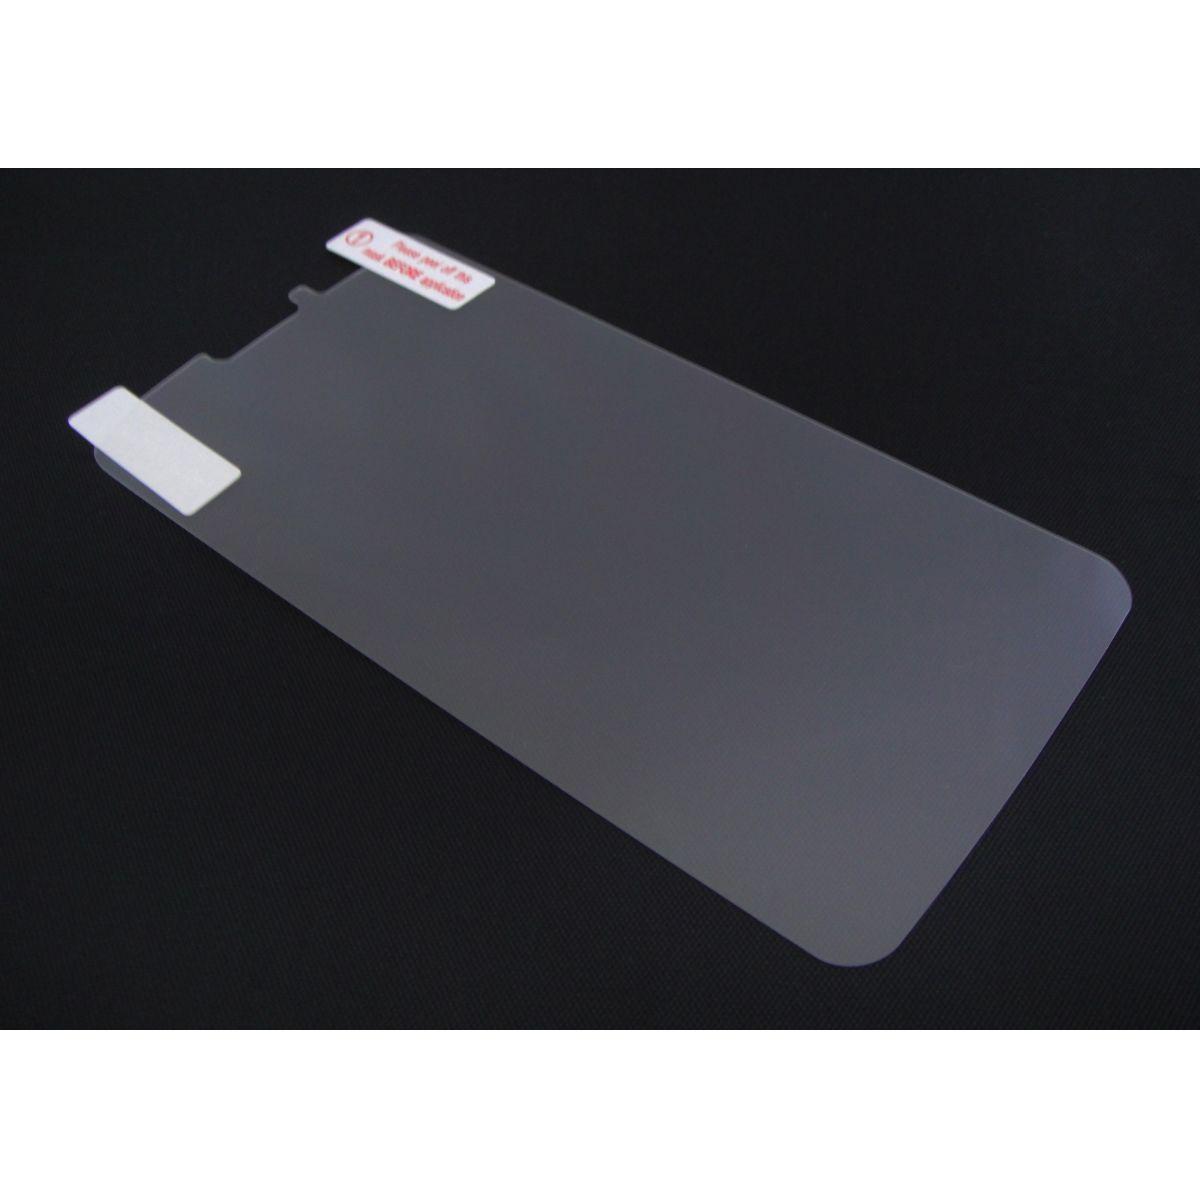 Pelicula Protetora para LG G2 D801 D802 D803 D805C Fosca